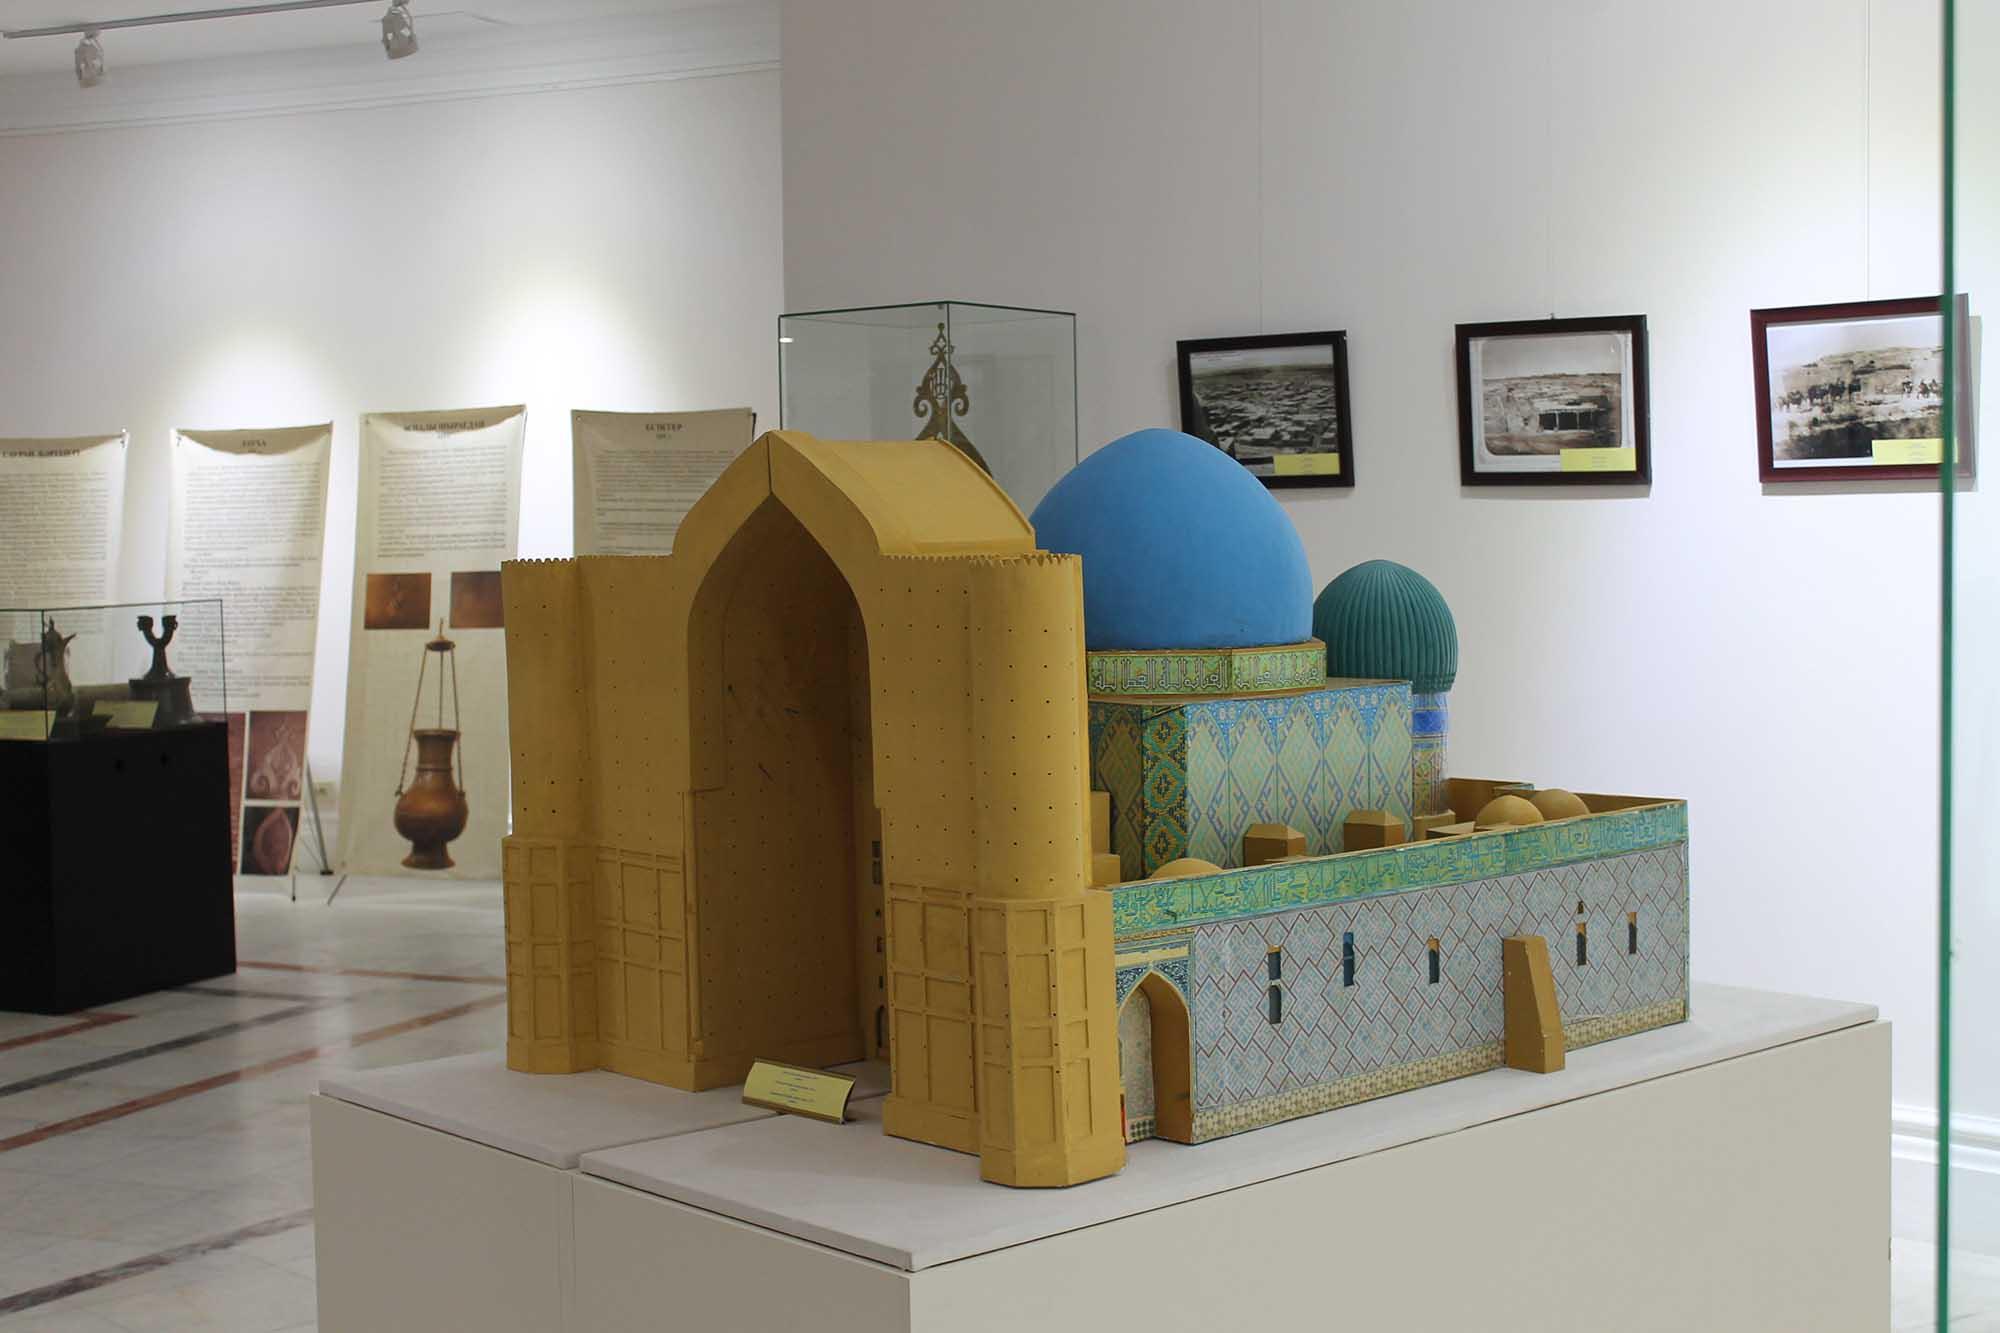 Қожа Ахмет Ясауи кесенесінің макеті